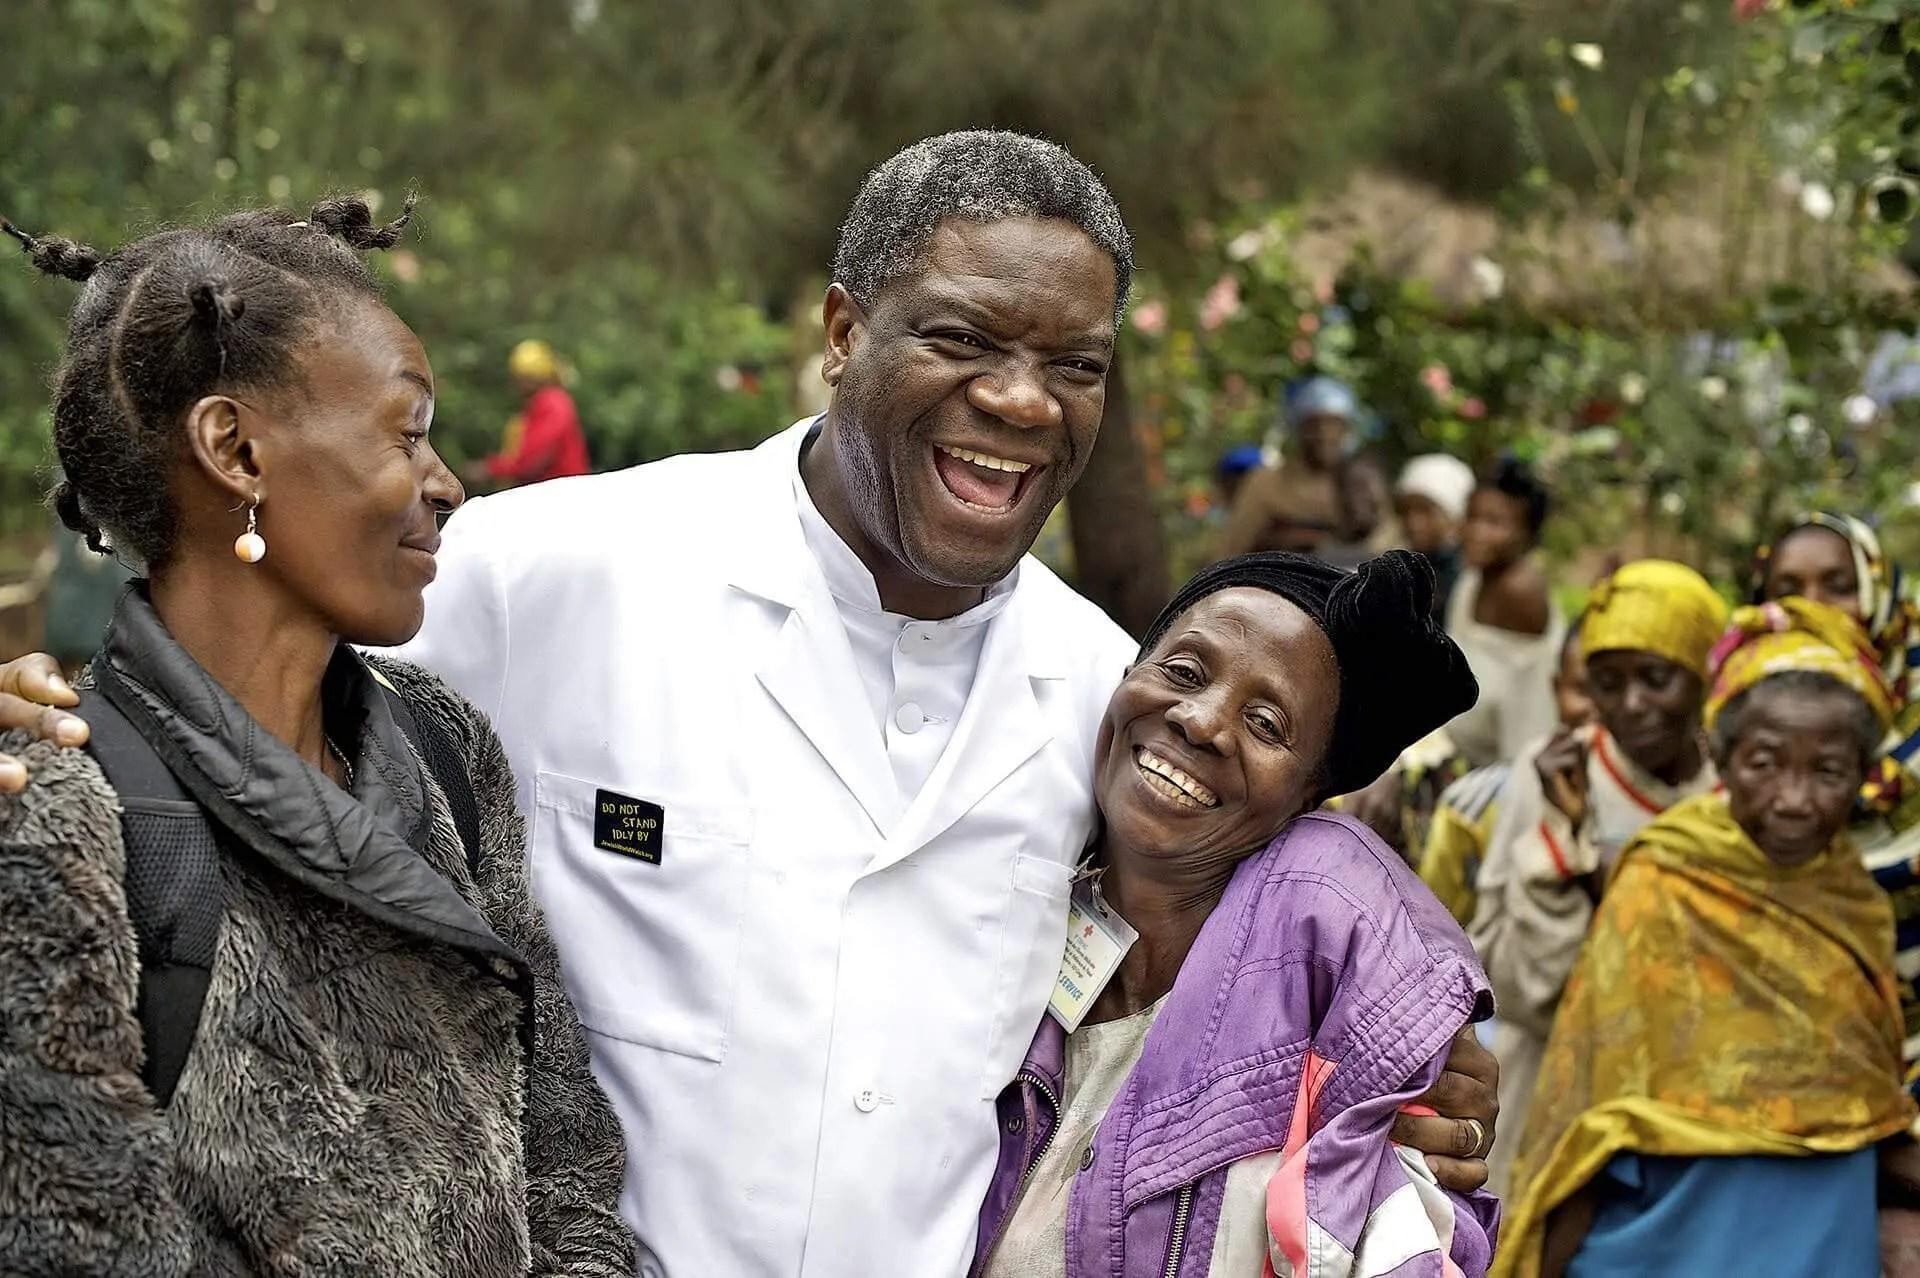 L'homme qui répare les femmes, musique originale de Michel Duprez et Edo Bumba